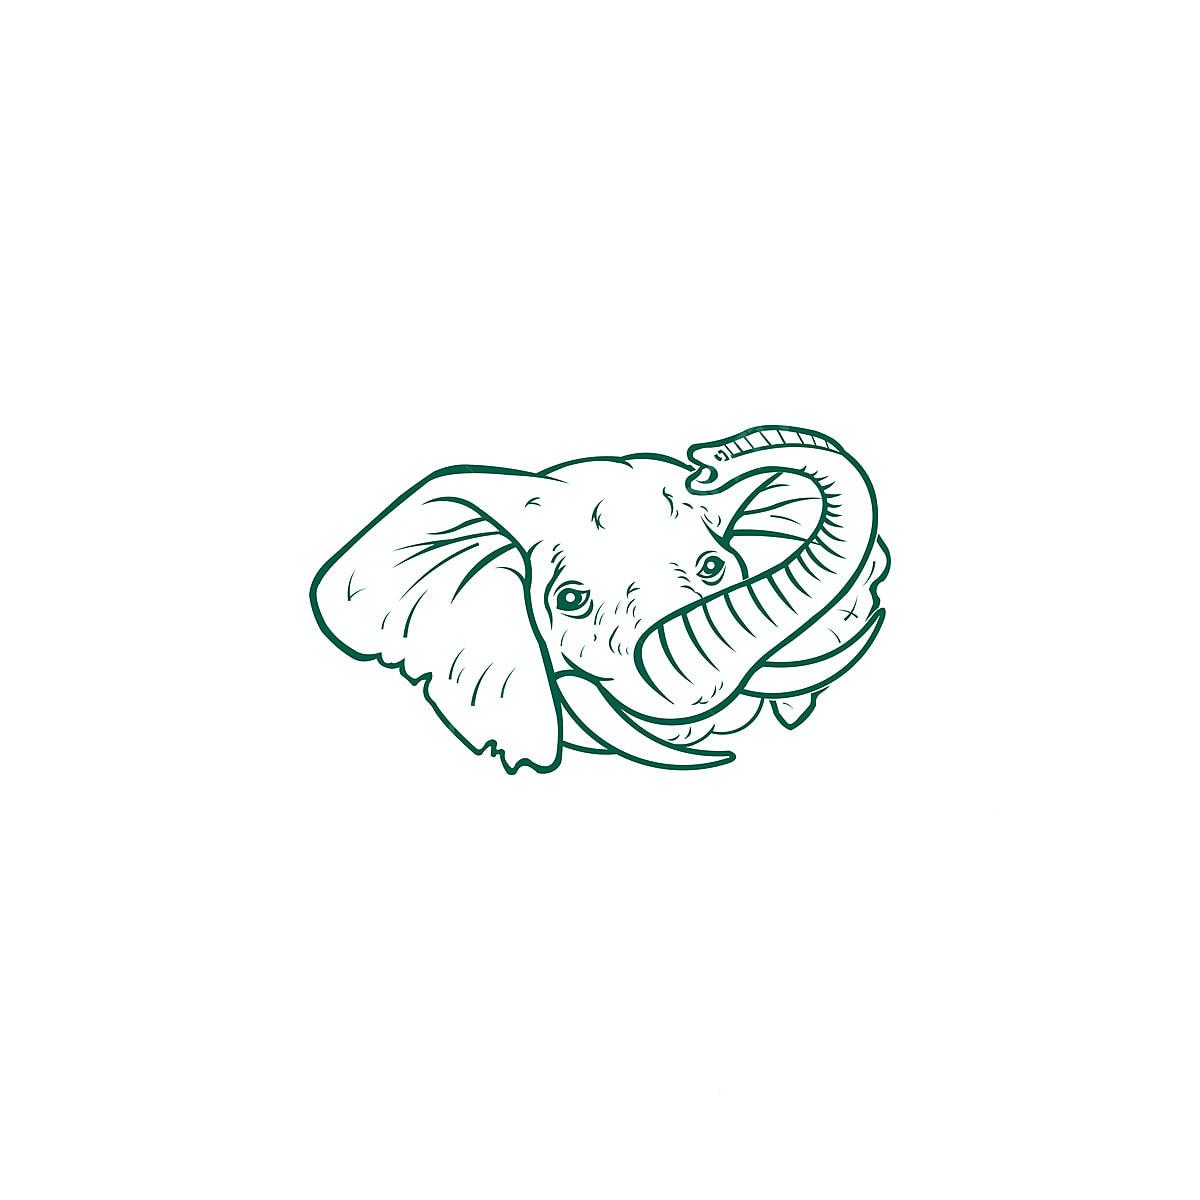 Vektor Dari A Gajah Kepala Bentuk Pada A Putih Latar